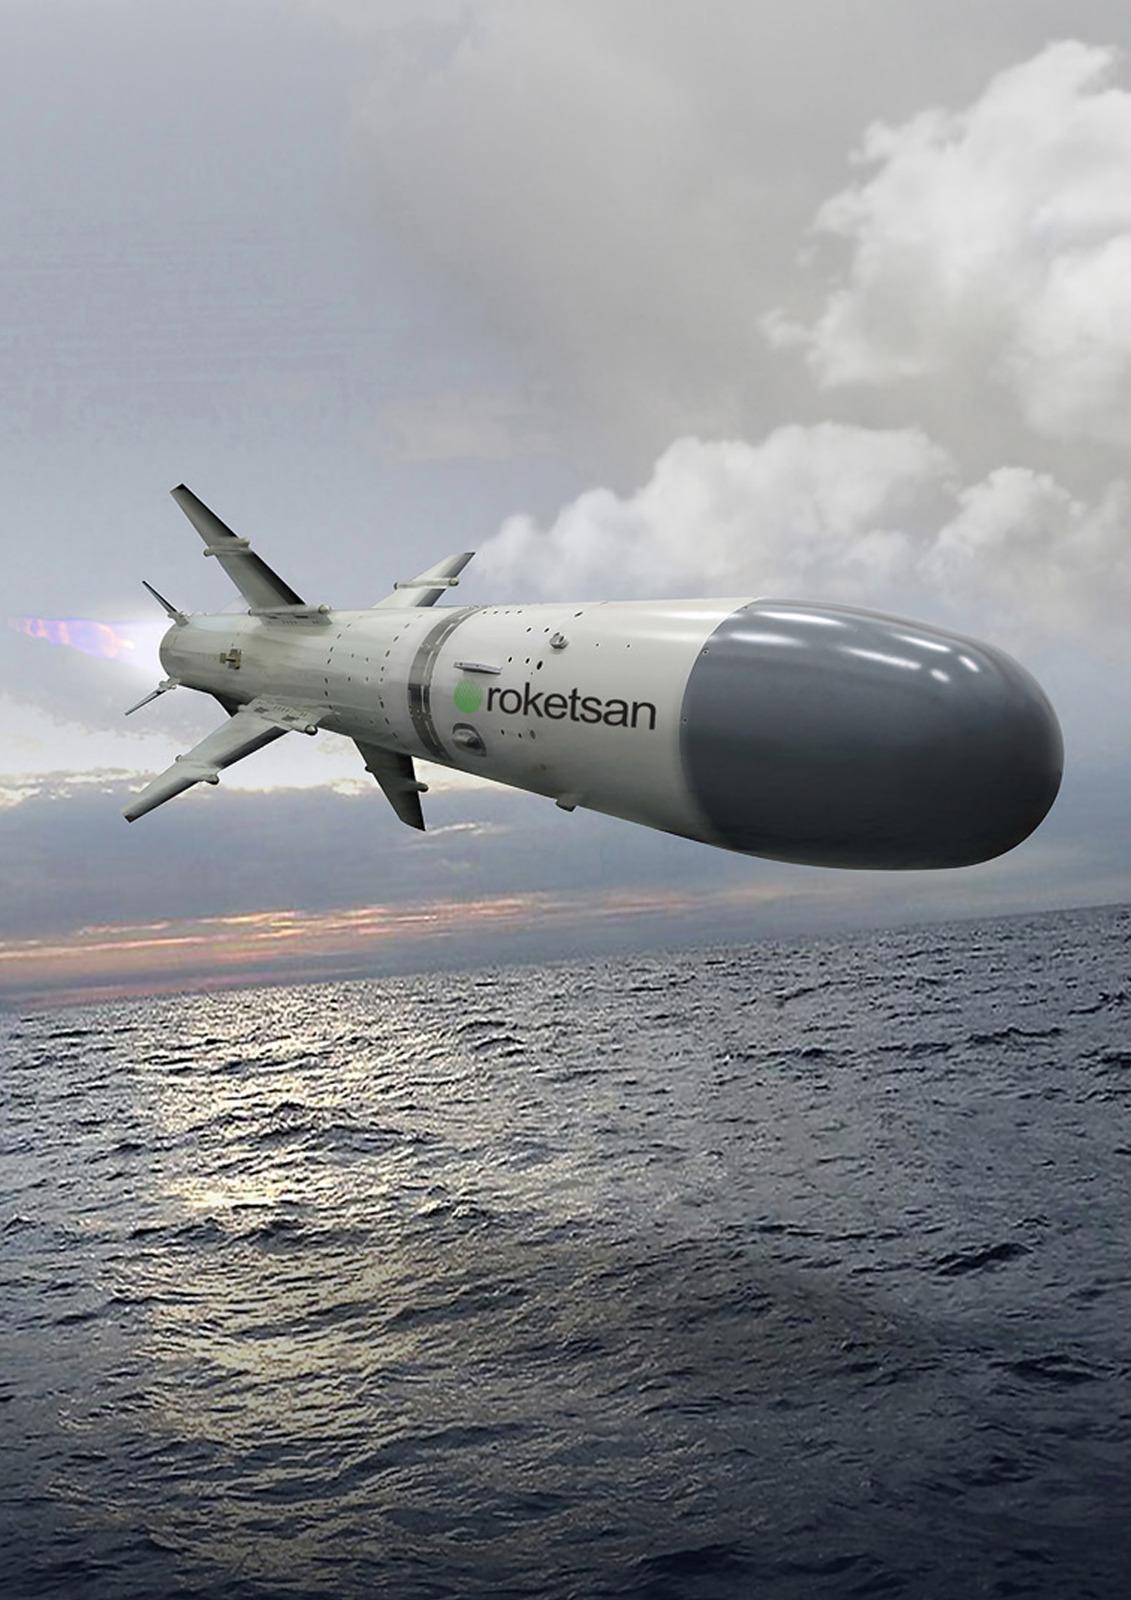 KTJ-3200 Turbojet Motor`unun İlk Teslimatları Gerçekleştirildi, İlk Atış 2022 Yılında ATMACA Gemisavar Güdümlü Mermisi ile Planlanıyor